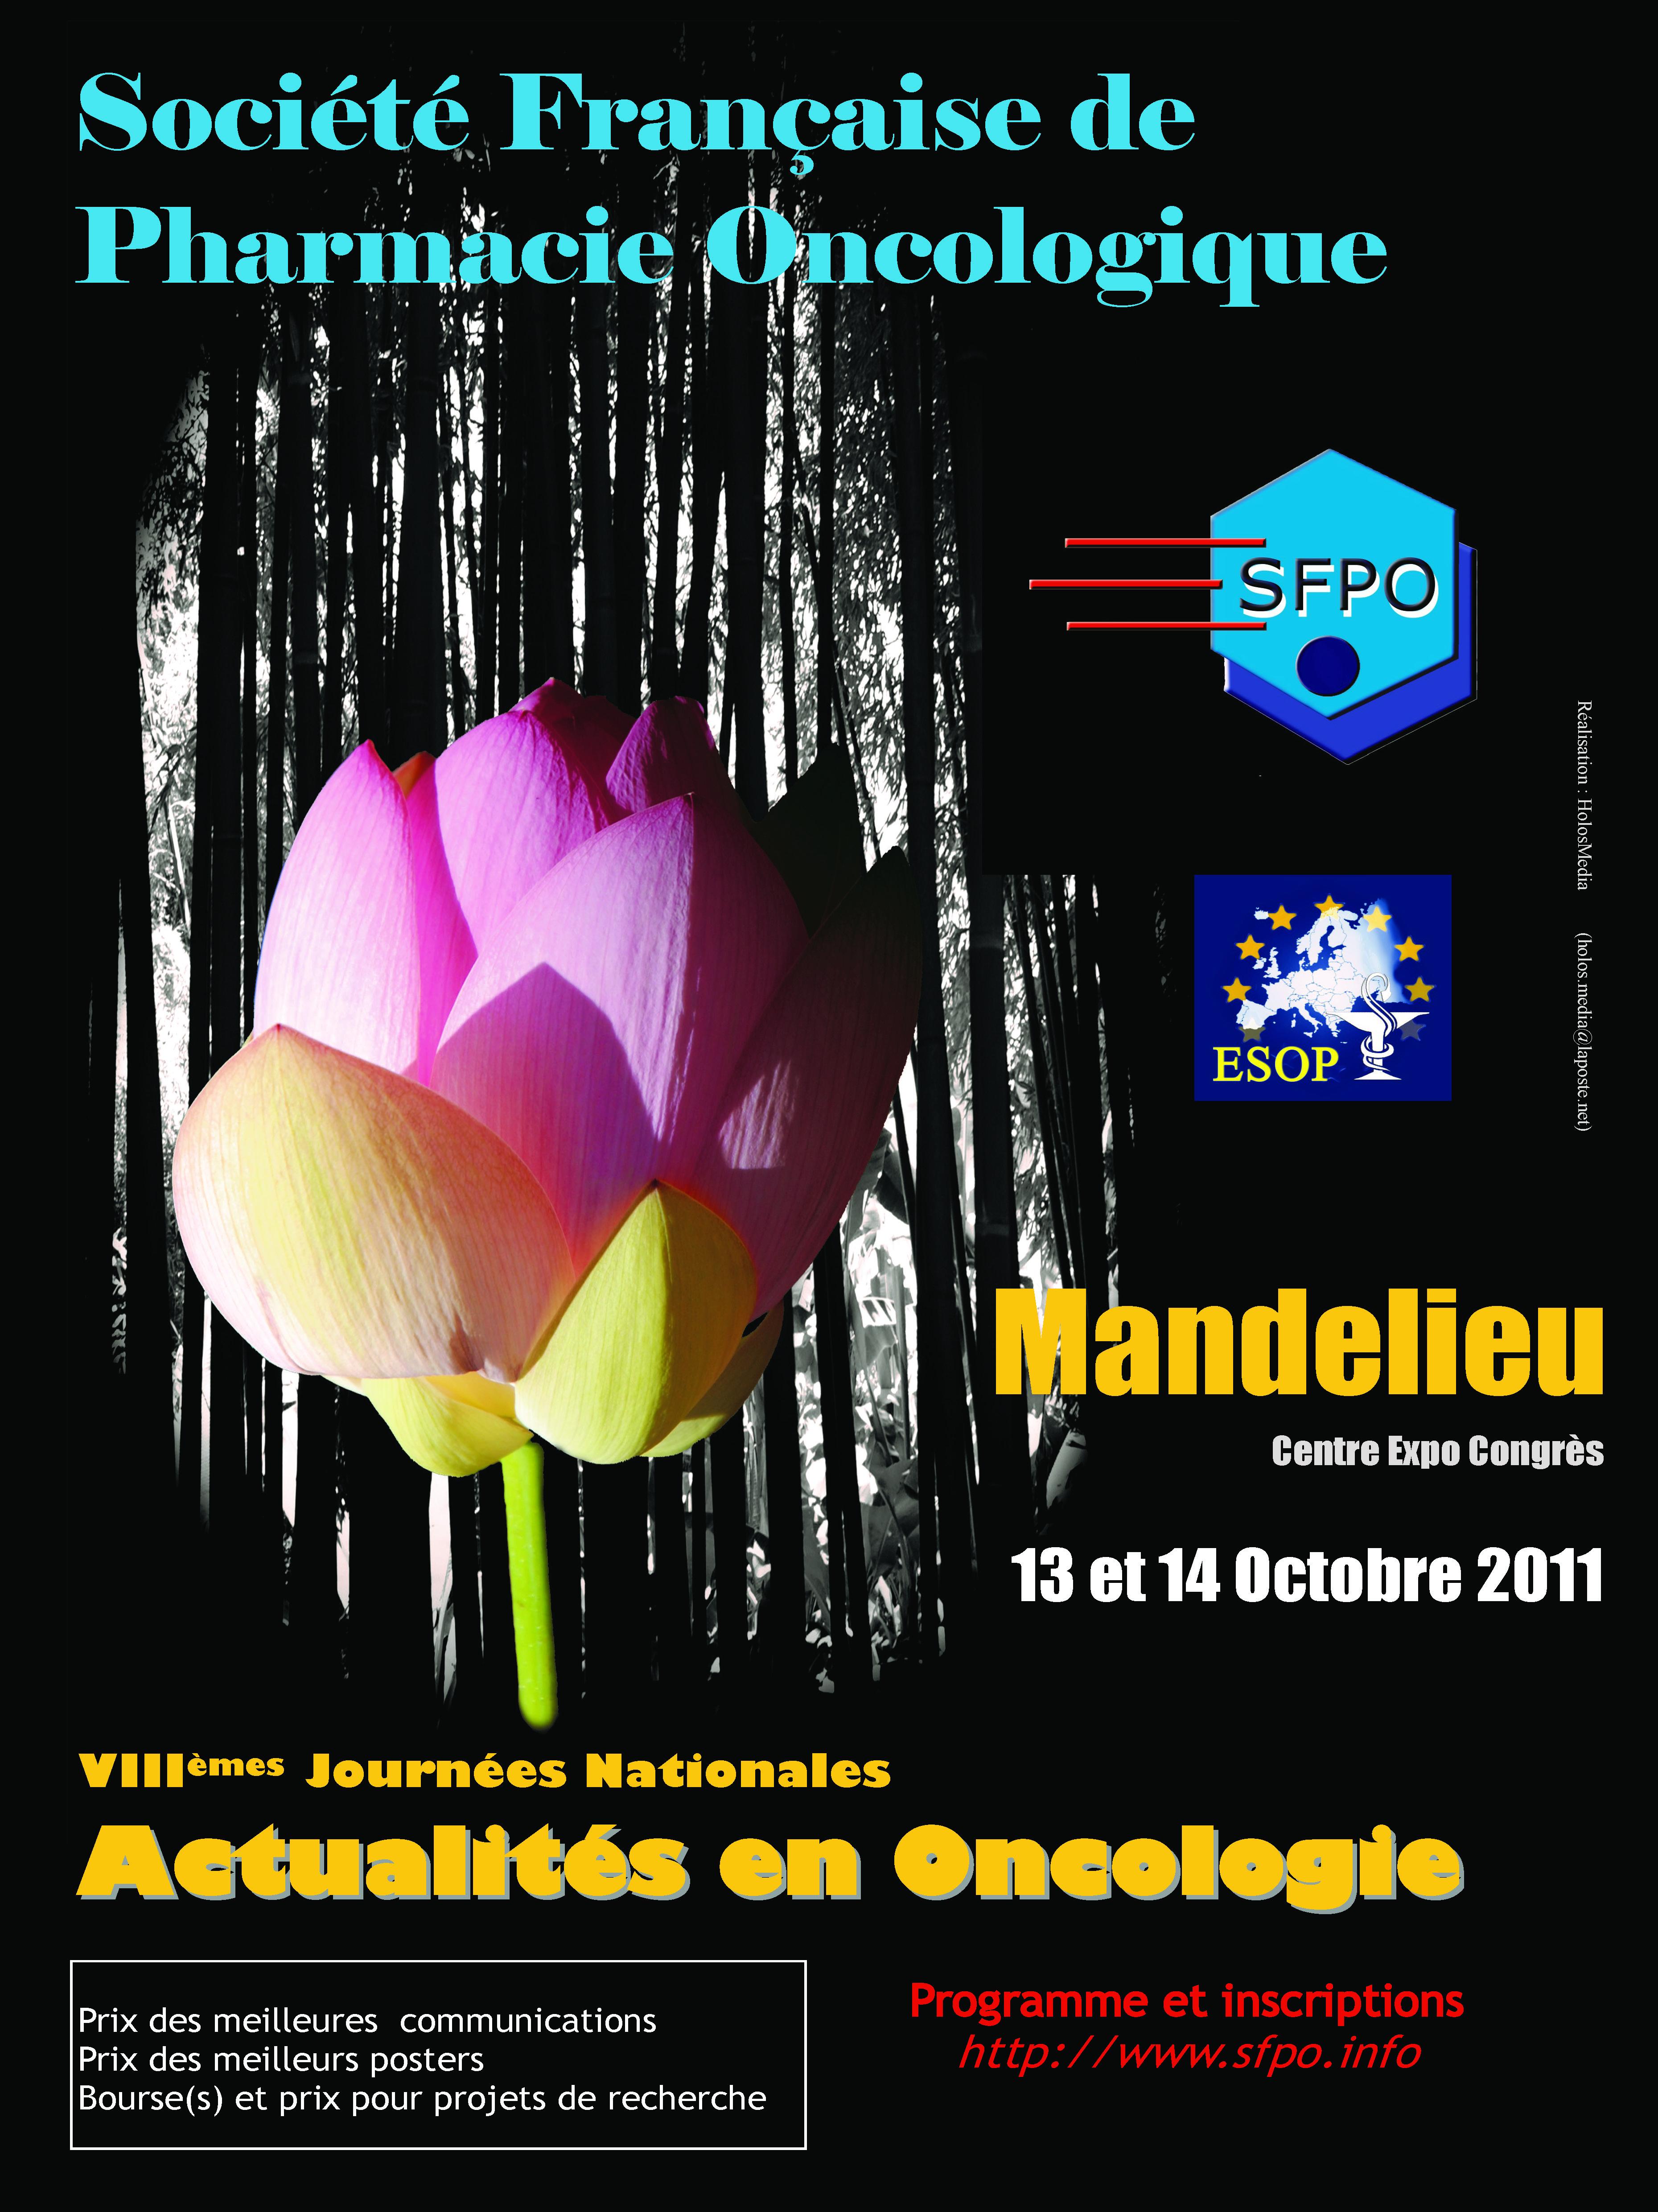 VIIIèmes Journées Nationales Actualités en Oncologie 2011